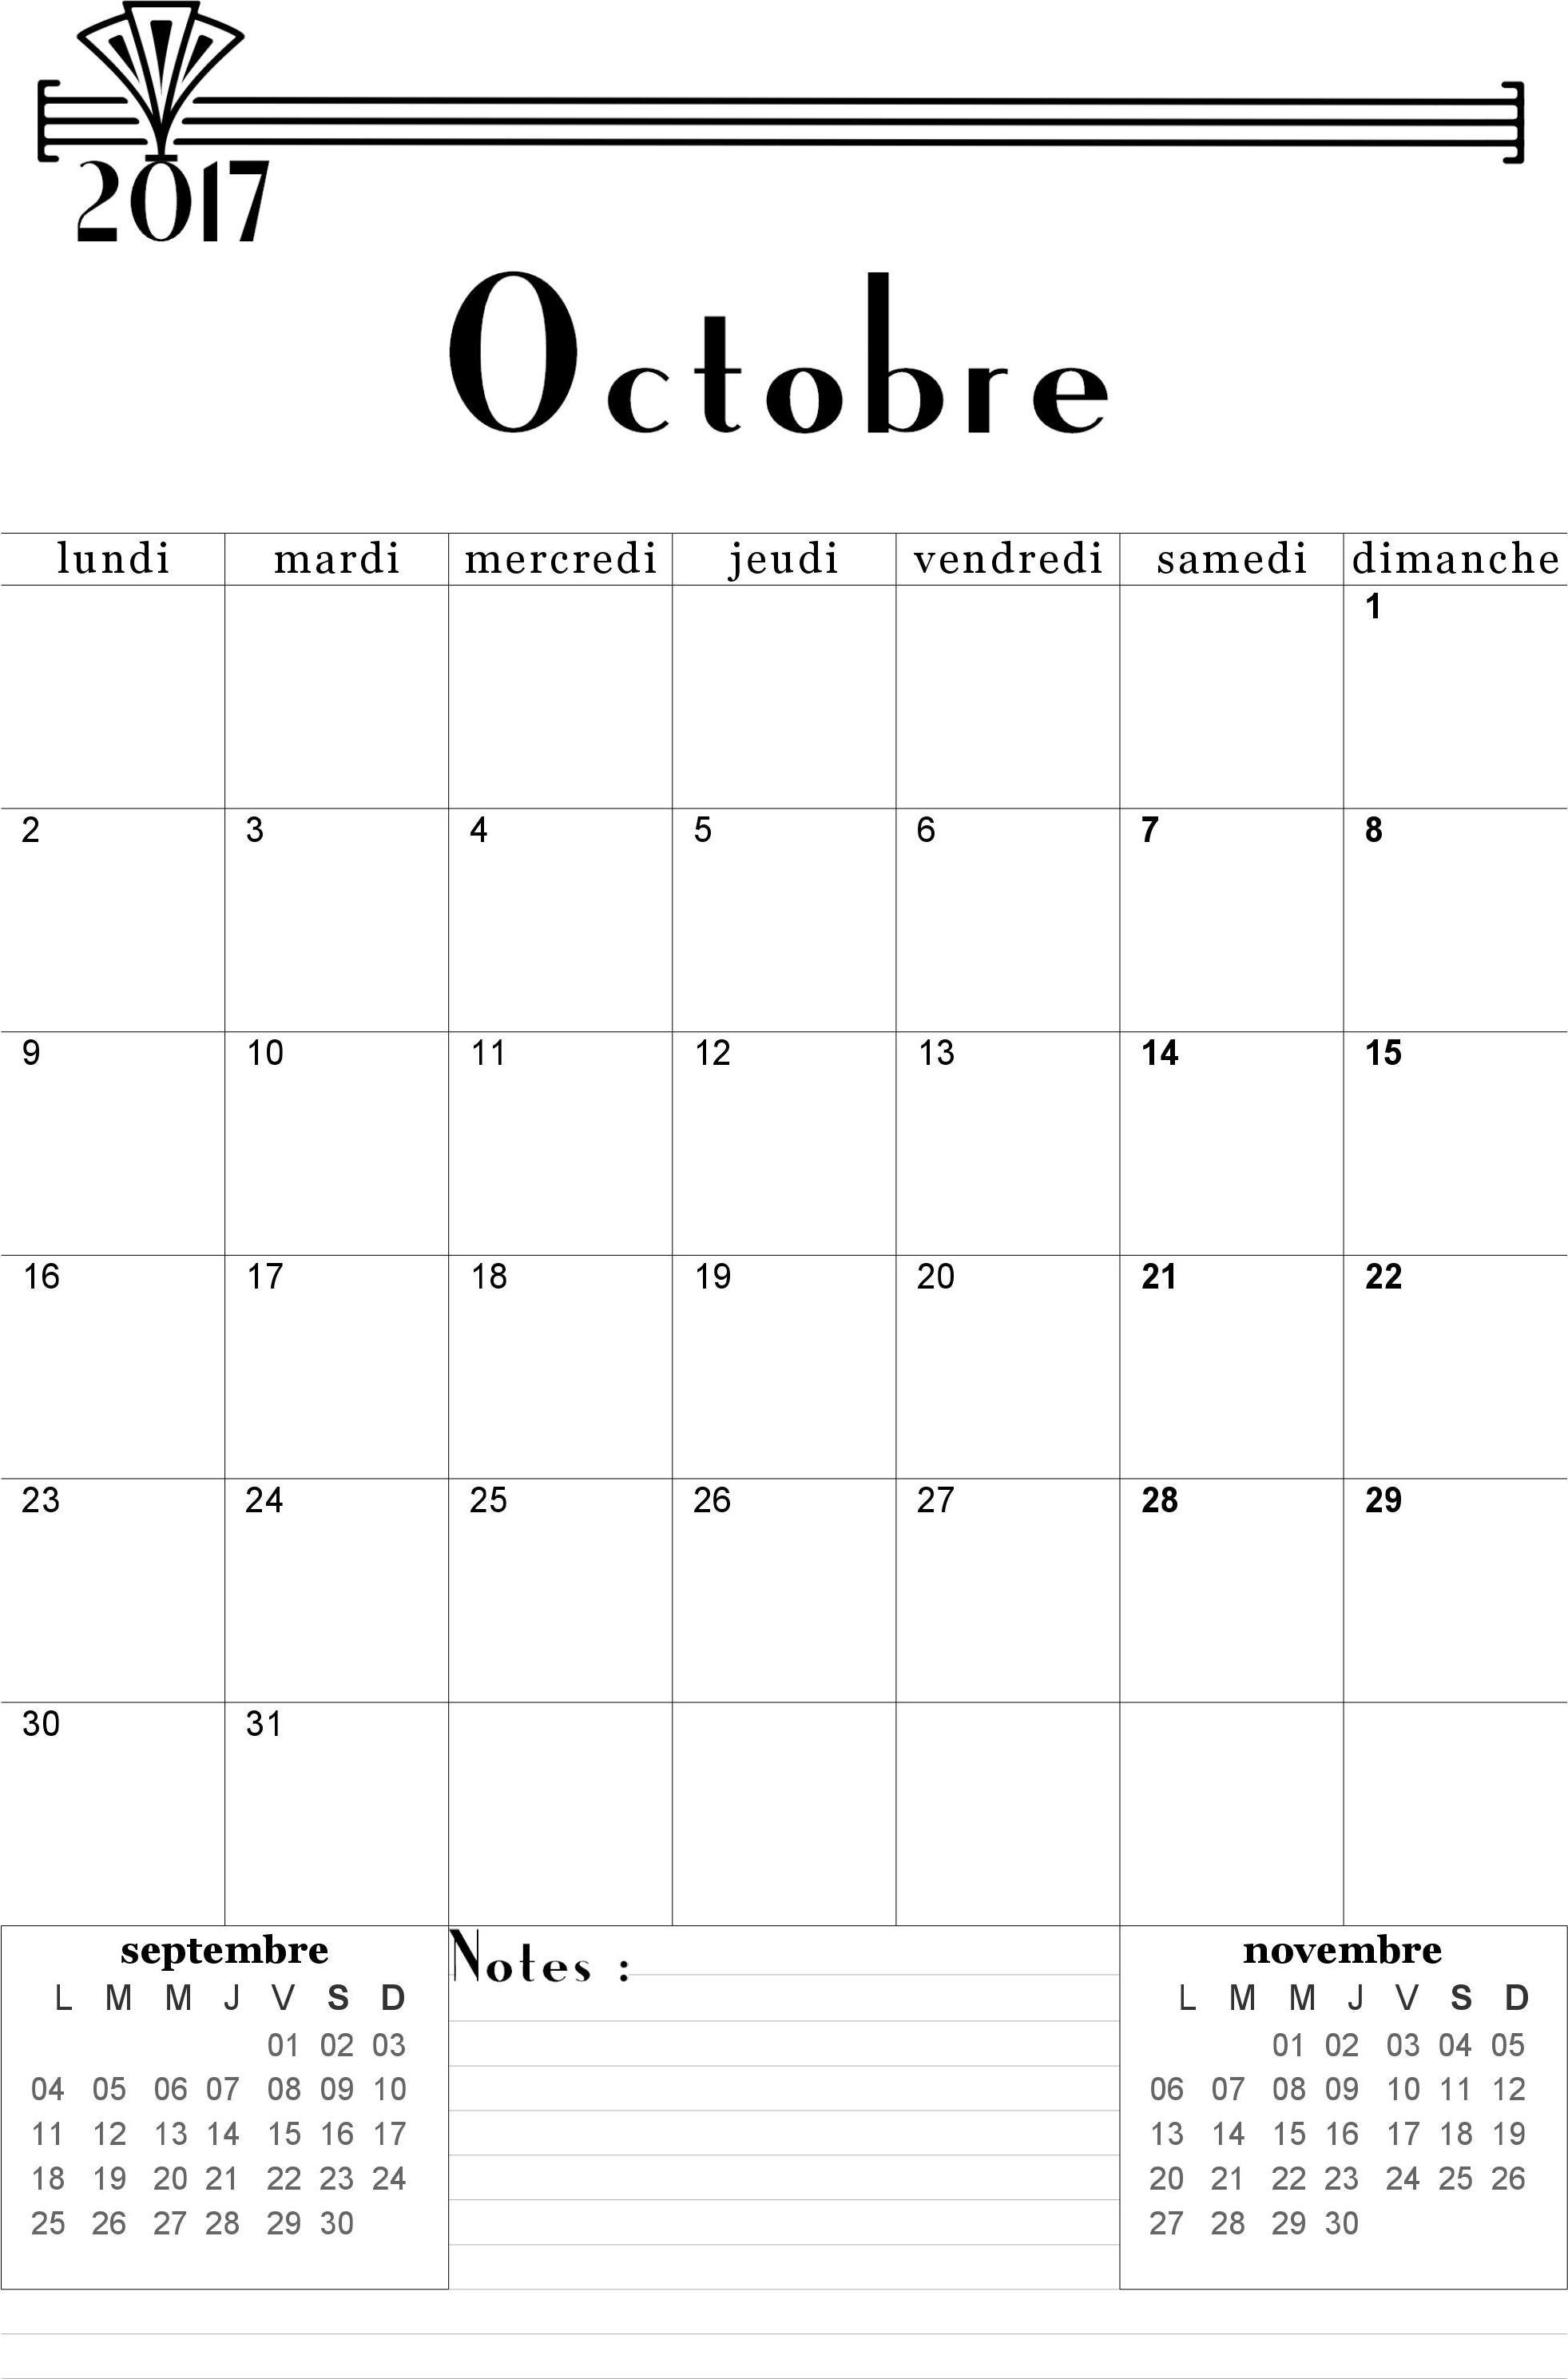 Calendrier octobre 2017 à imprimer gratuitement en format